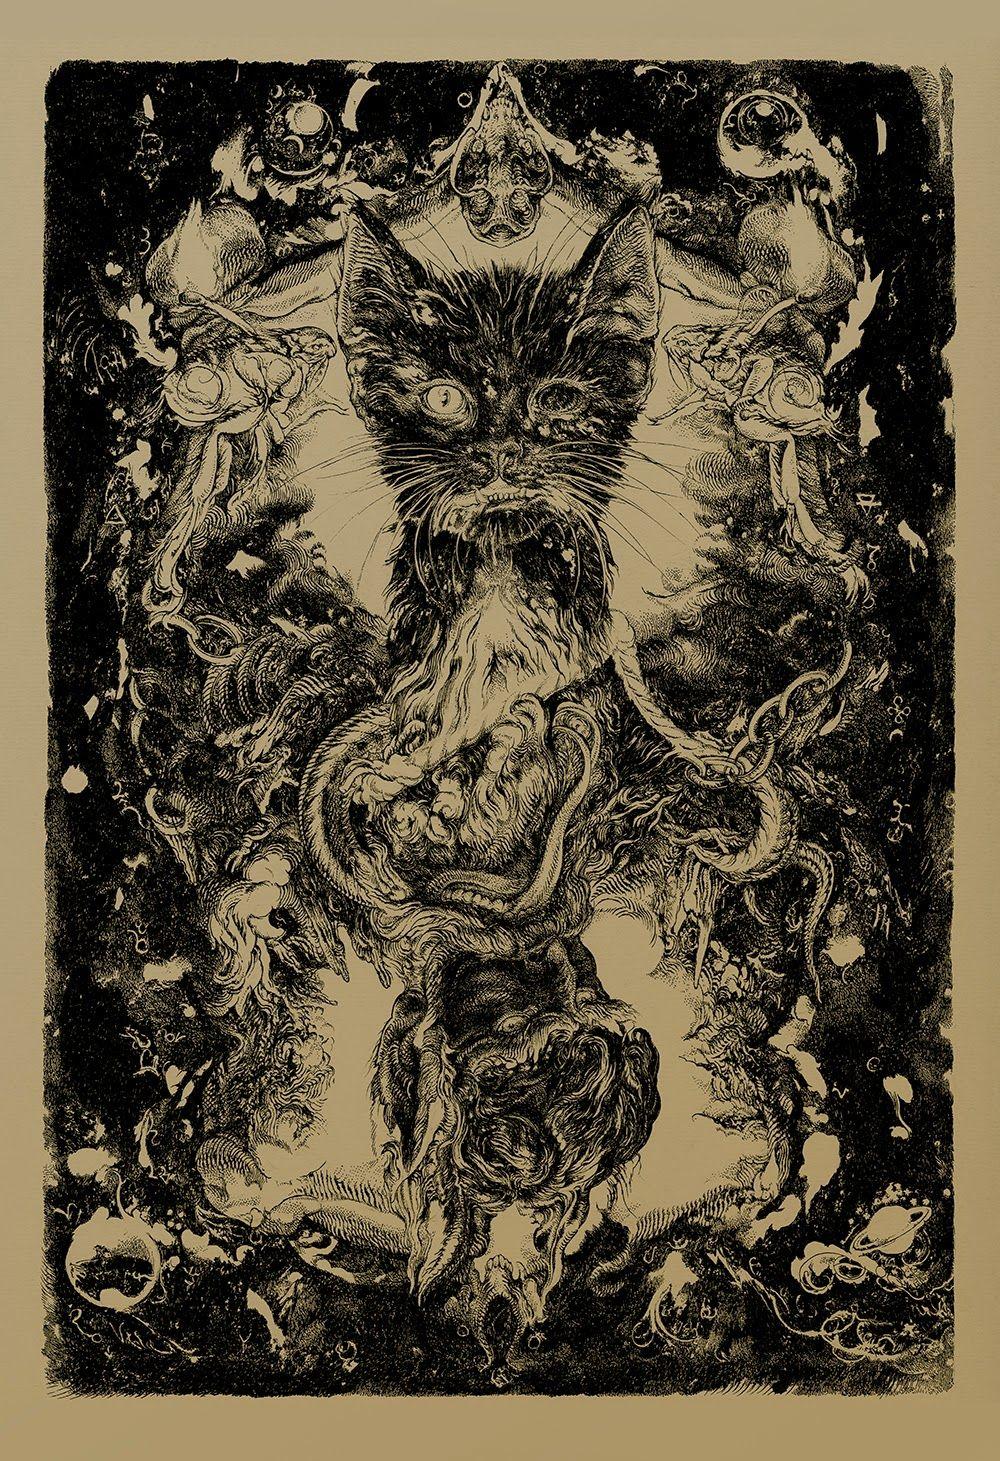 Cool Art ' Black Cat' Vania Zouravliov Feline